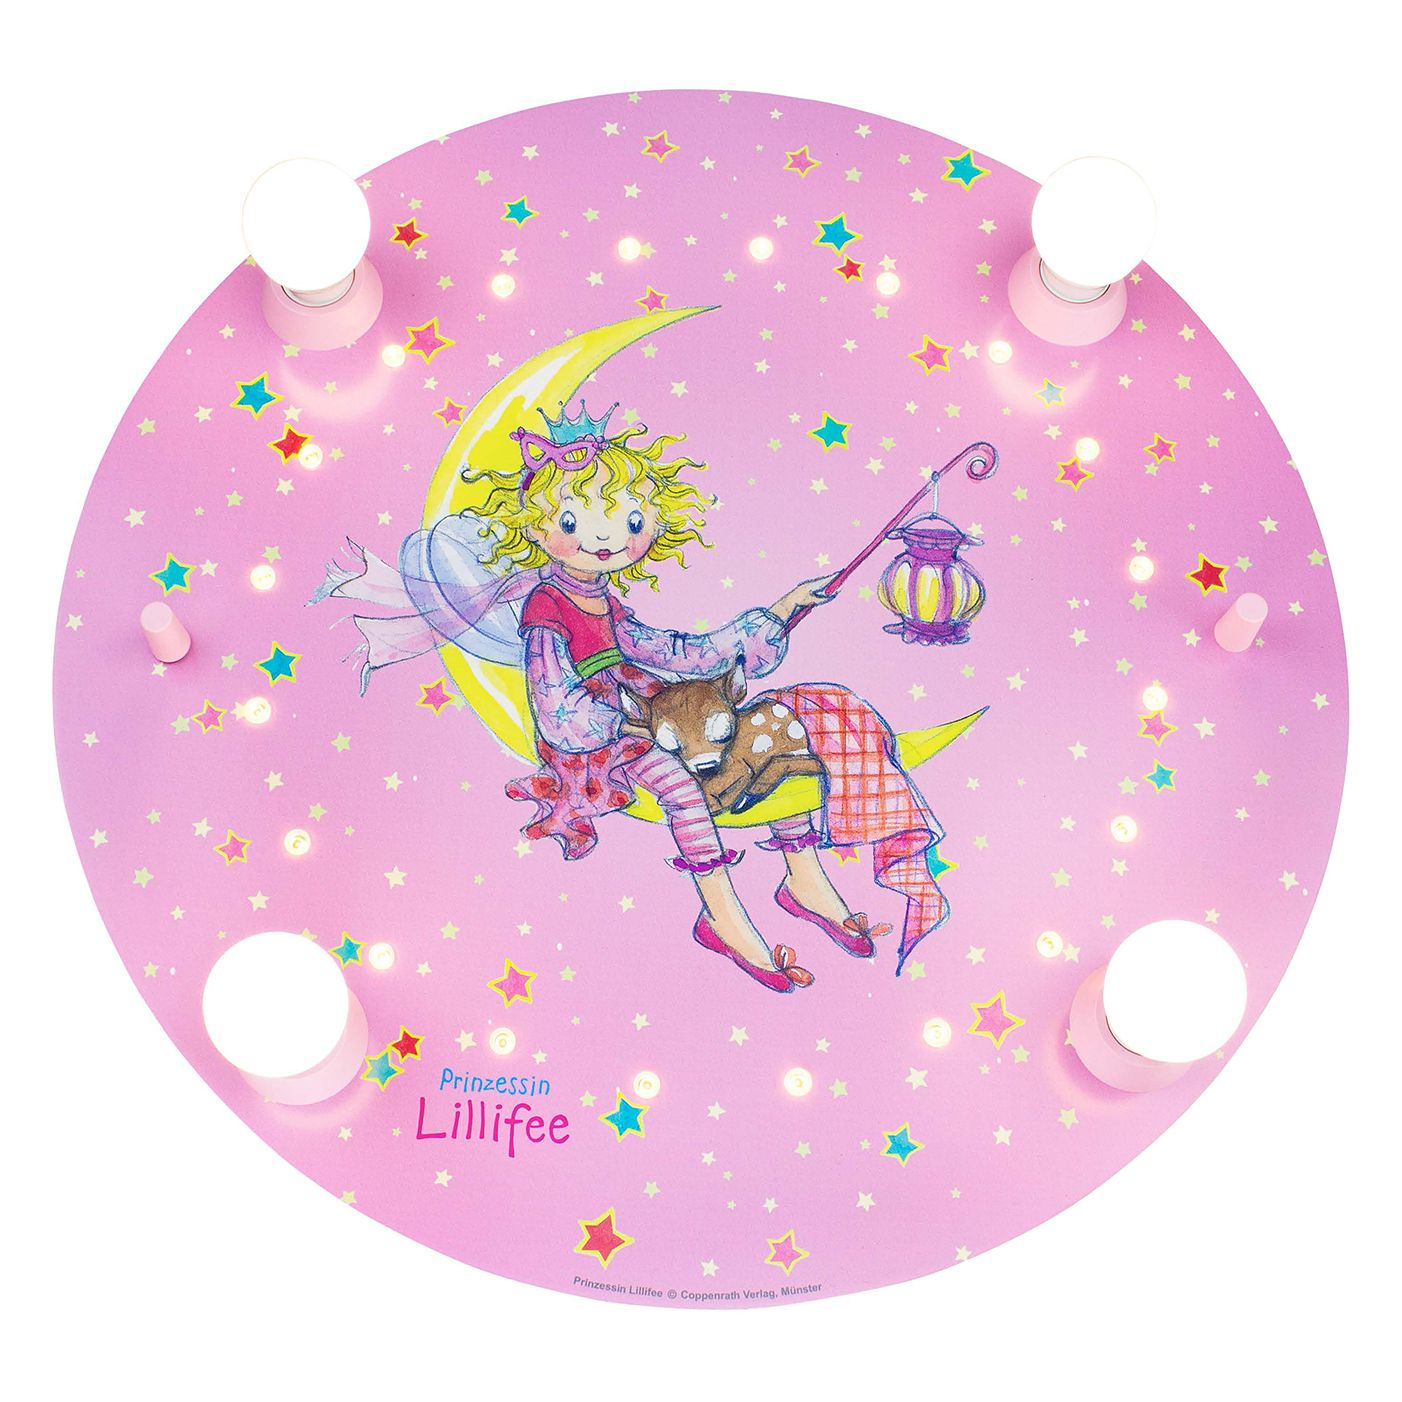 home24 LED-Deckenleuchte Prinzessin LillifeeIII | Lampen > Deckenleuchten > Deckenlampen | Pink | Massivholz | Elobra